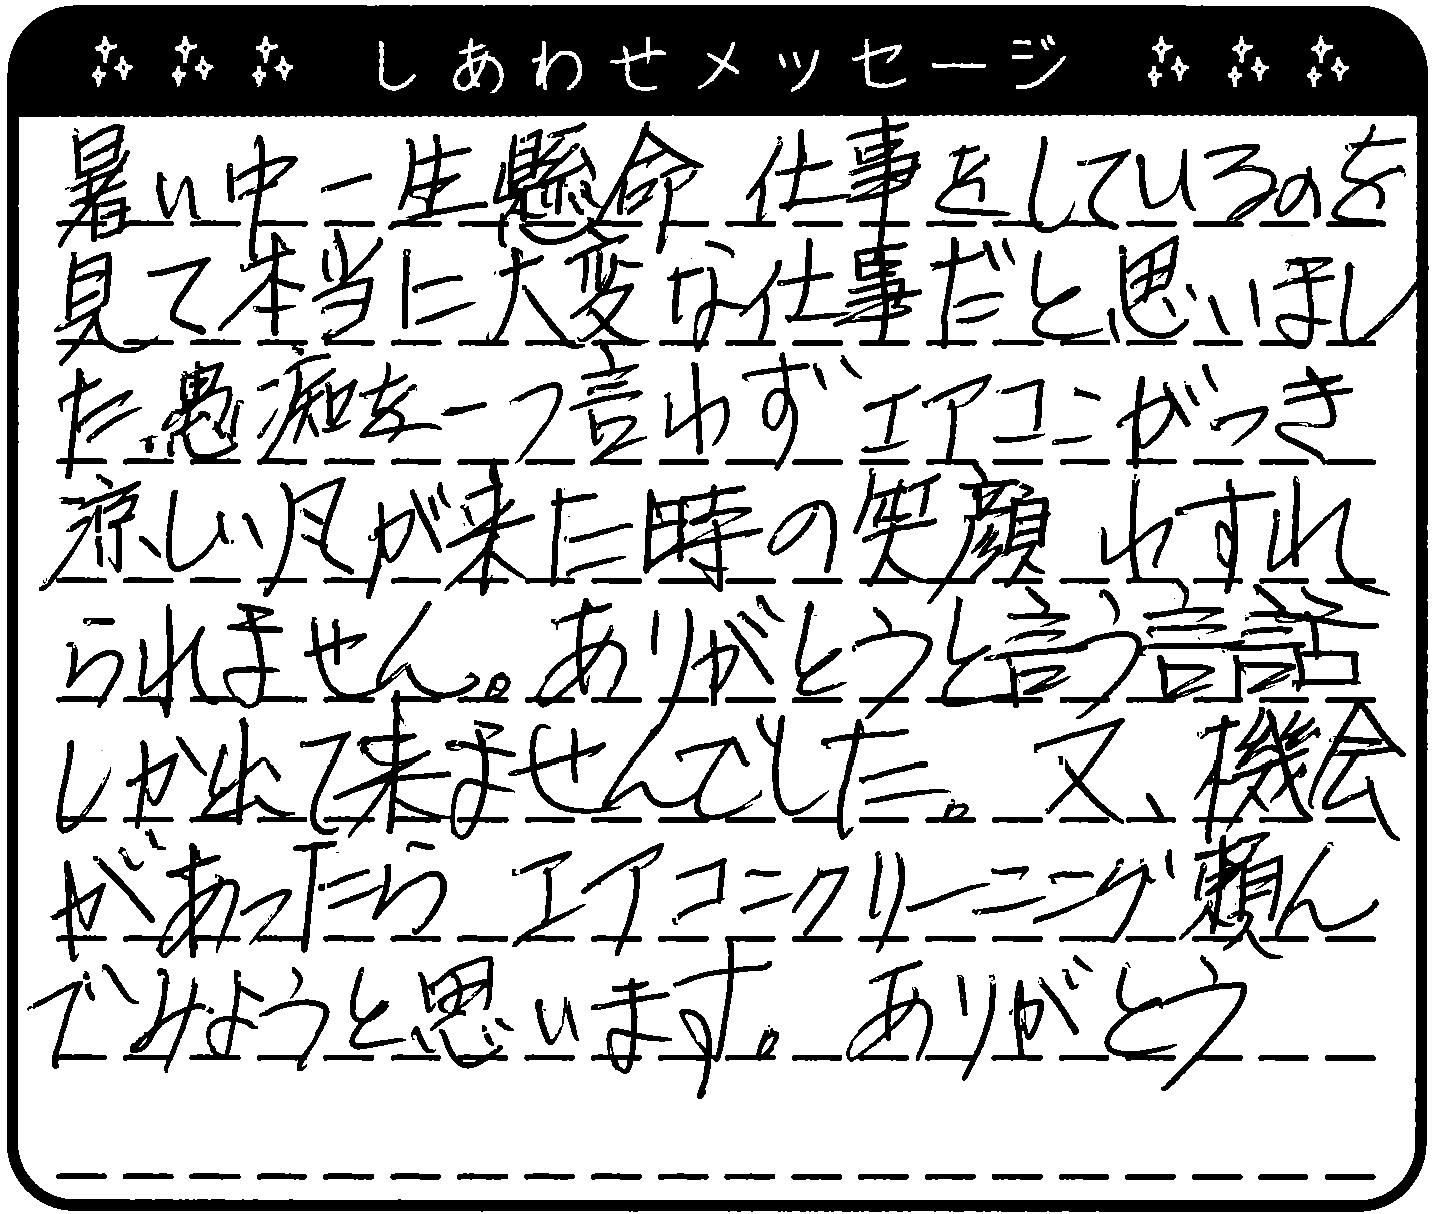 静岡県 N様からのしあわせメッセージ